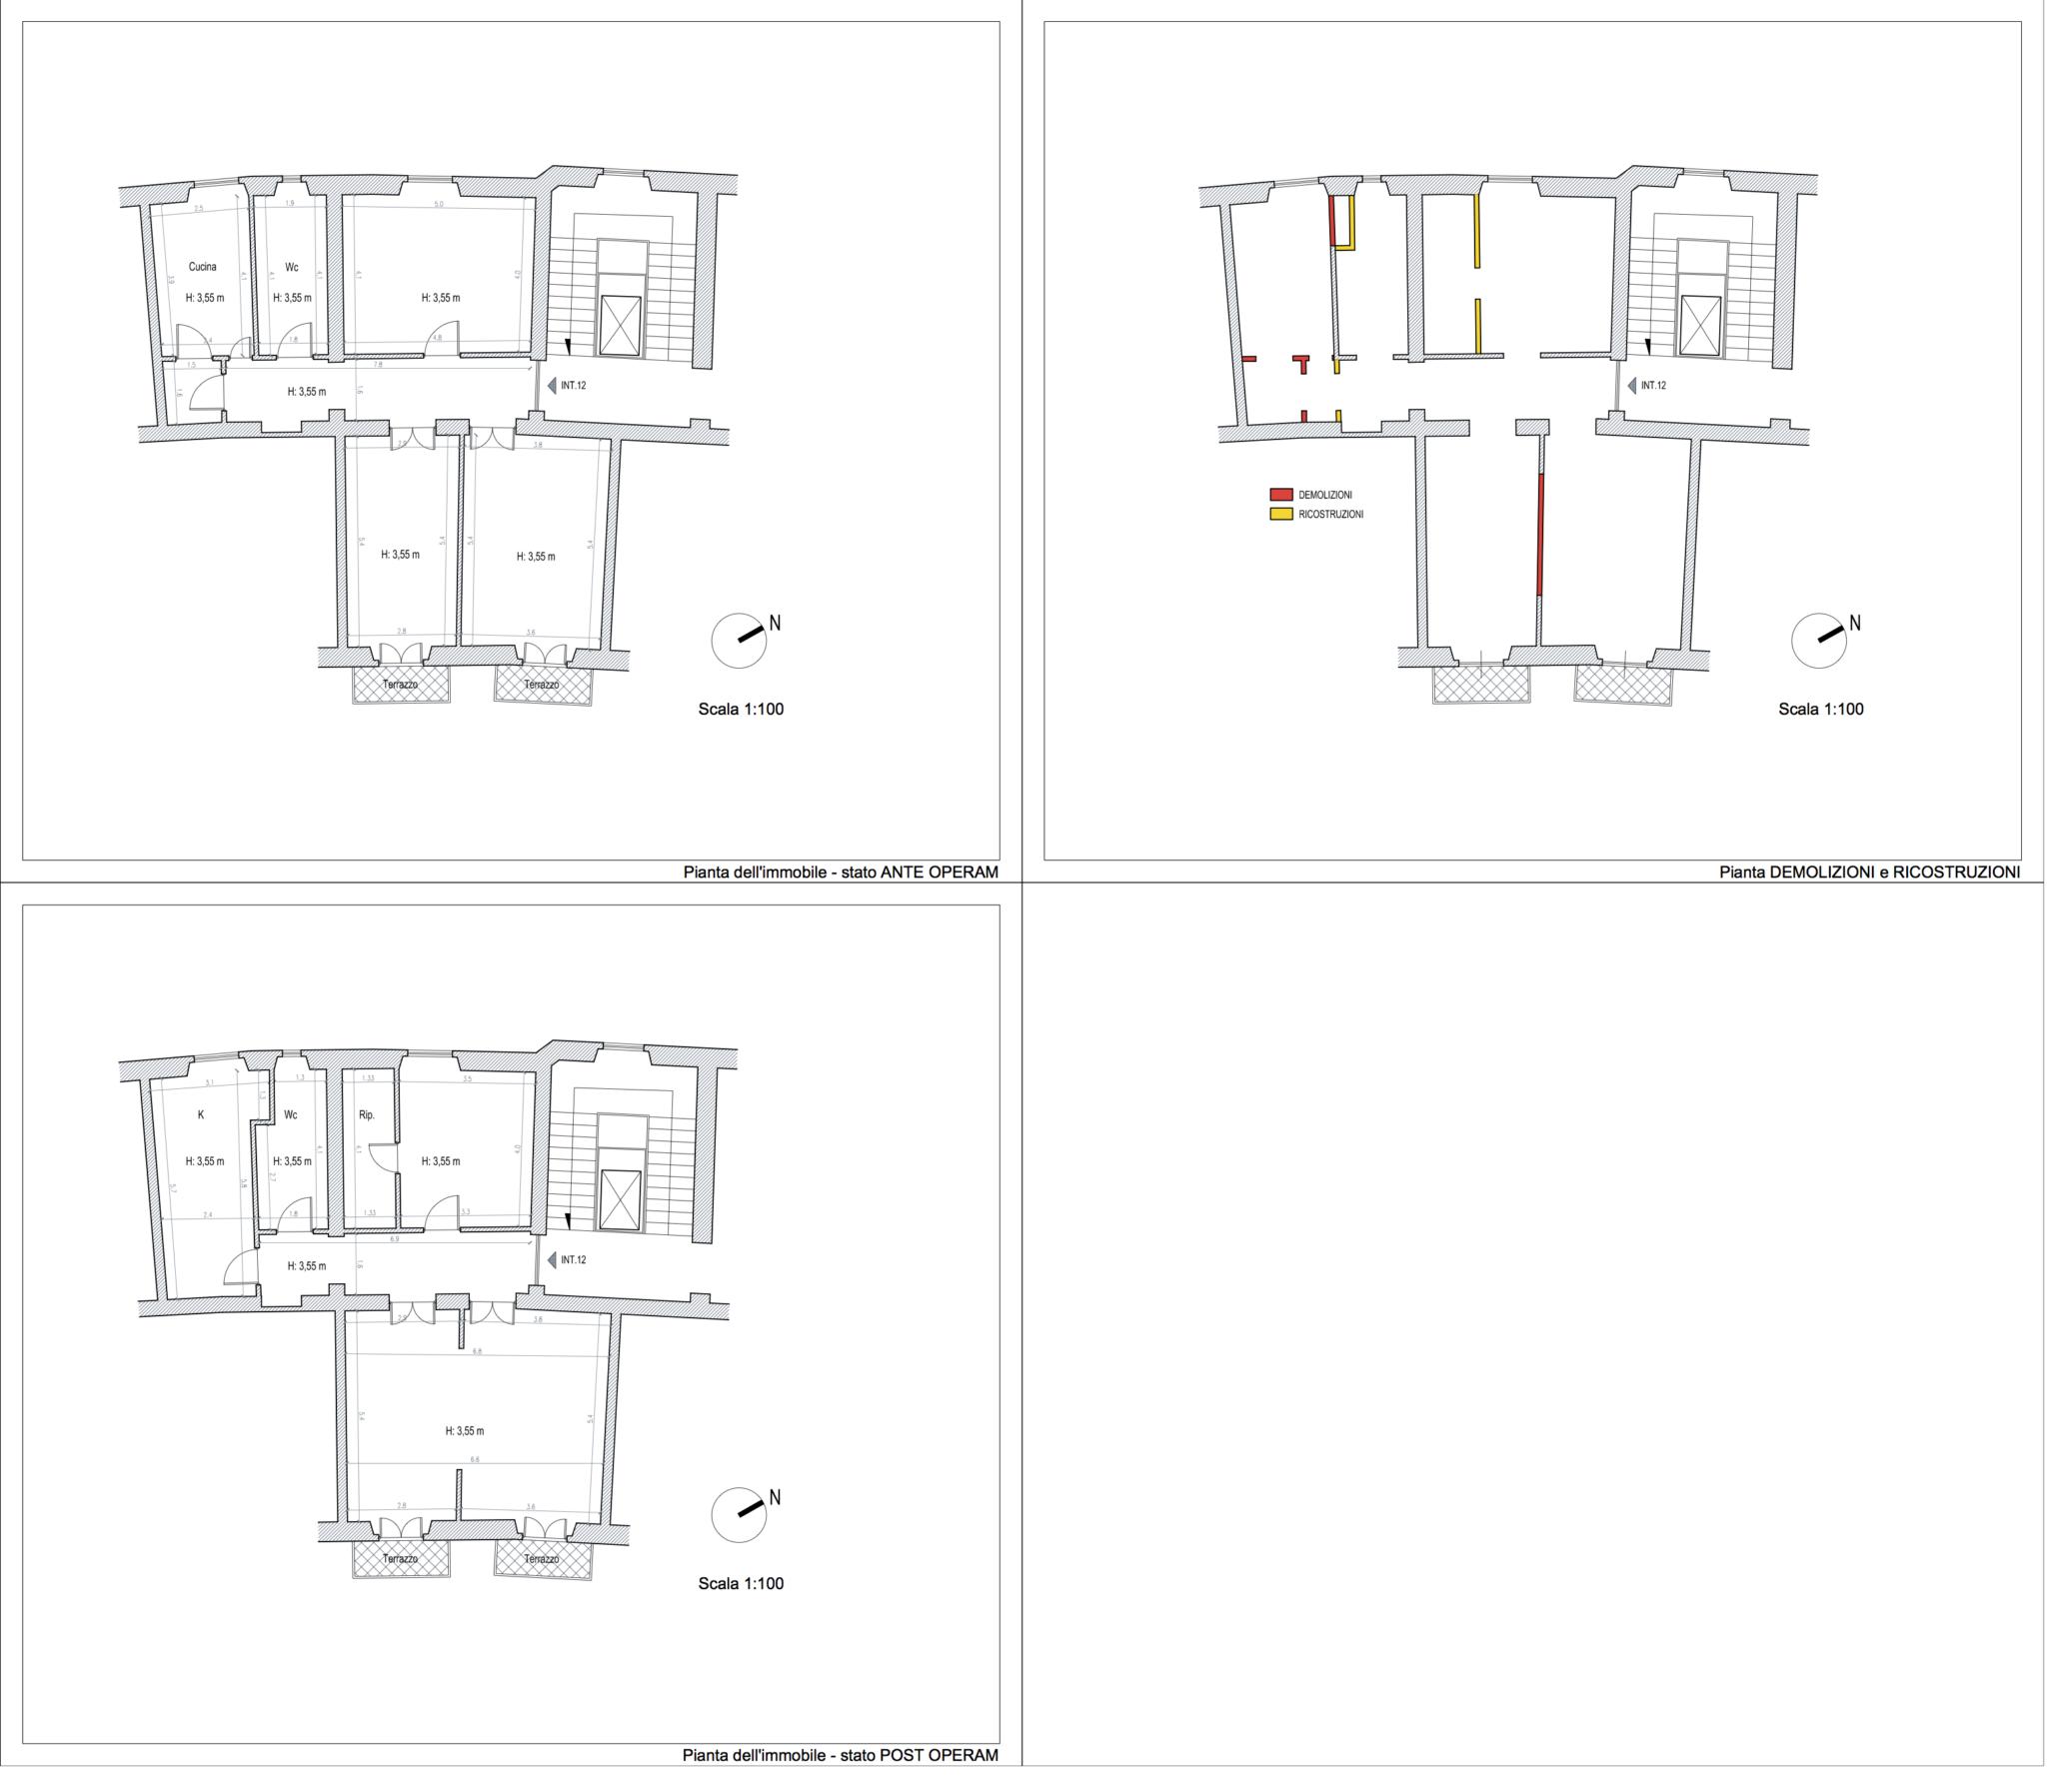 Planimetria dell'appartamento in Prati